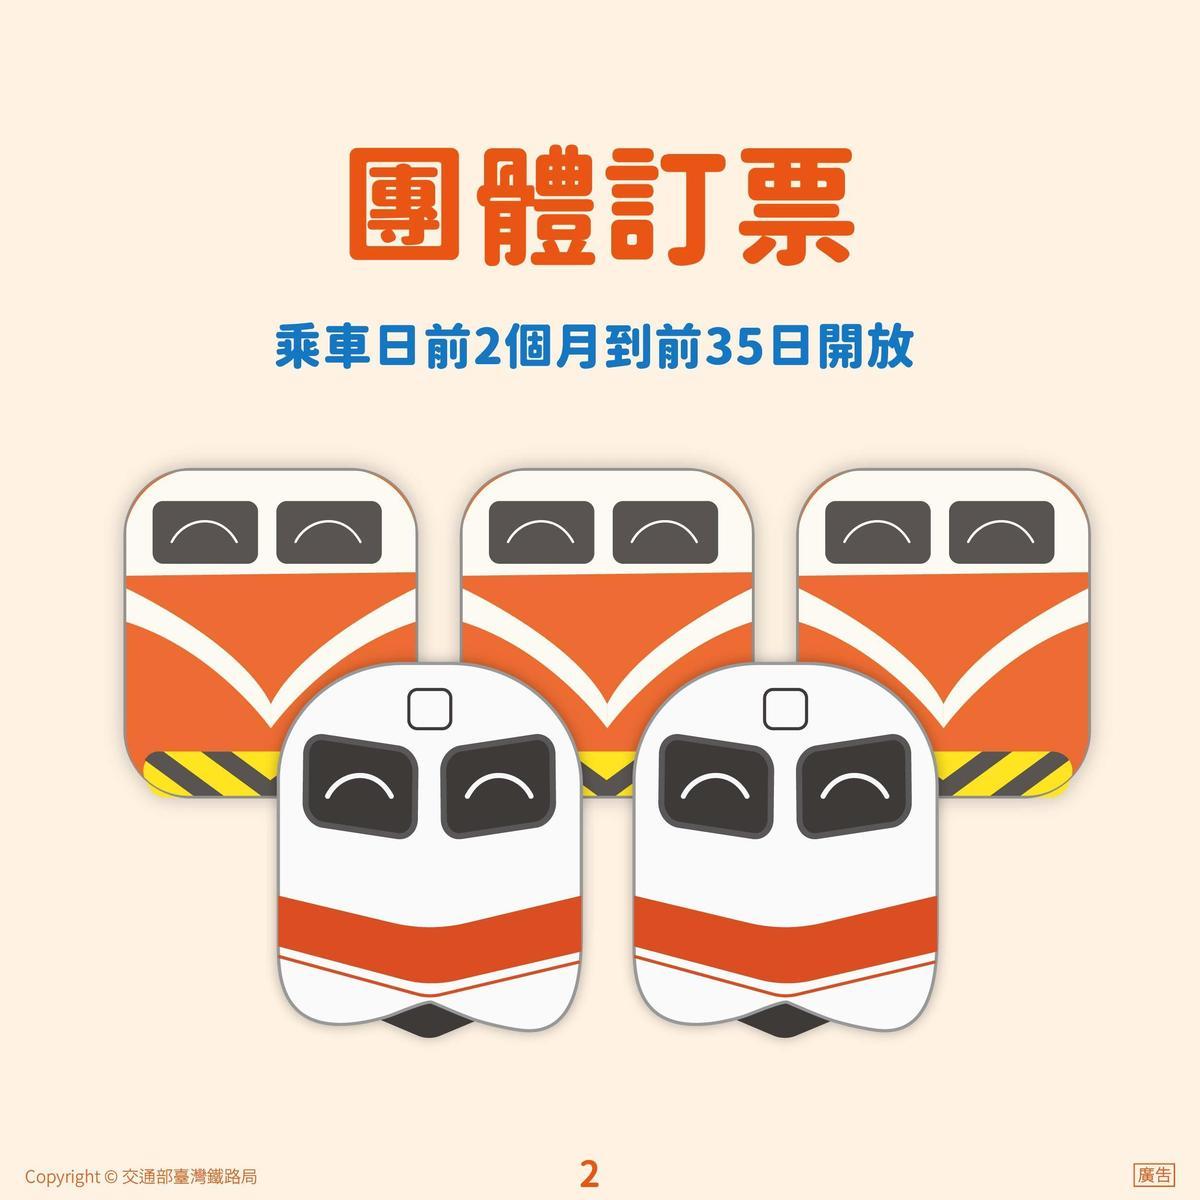 便利旅客及早規劃行程,台鐵提早於28天前開放預售車票。(翻攝自台鐵官網)